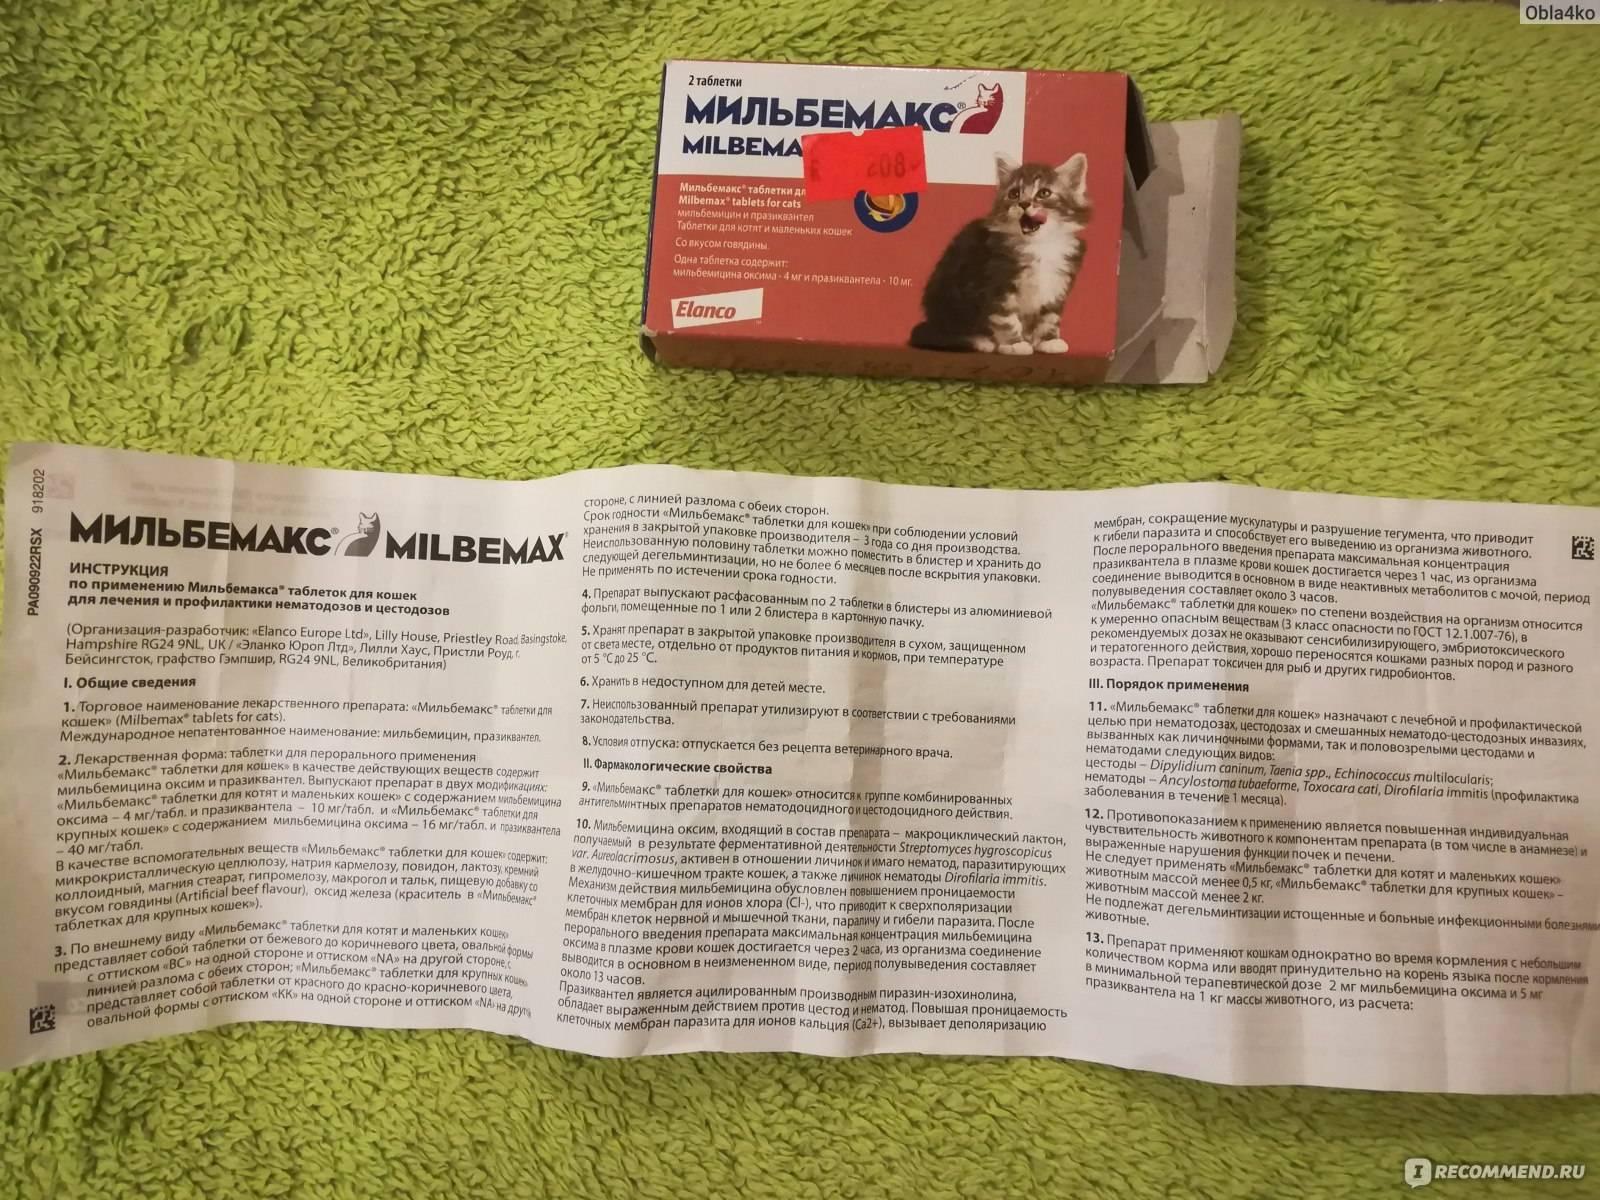 Мильбемакс для котят - таблетки для котят, состав, применение, дозировка